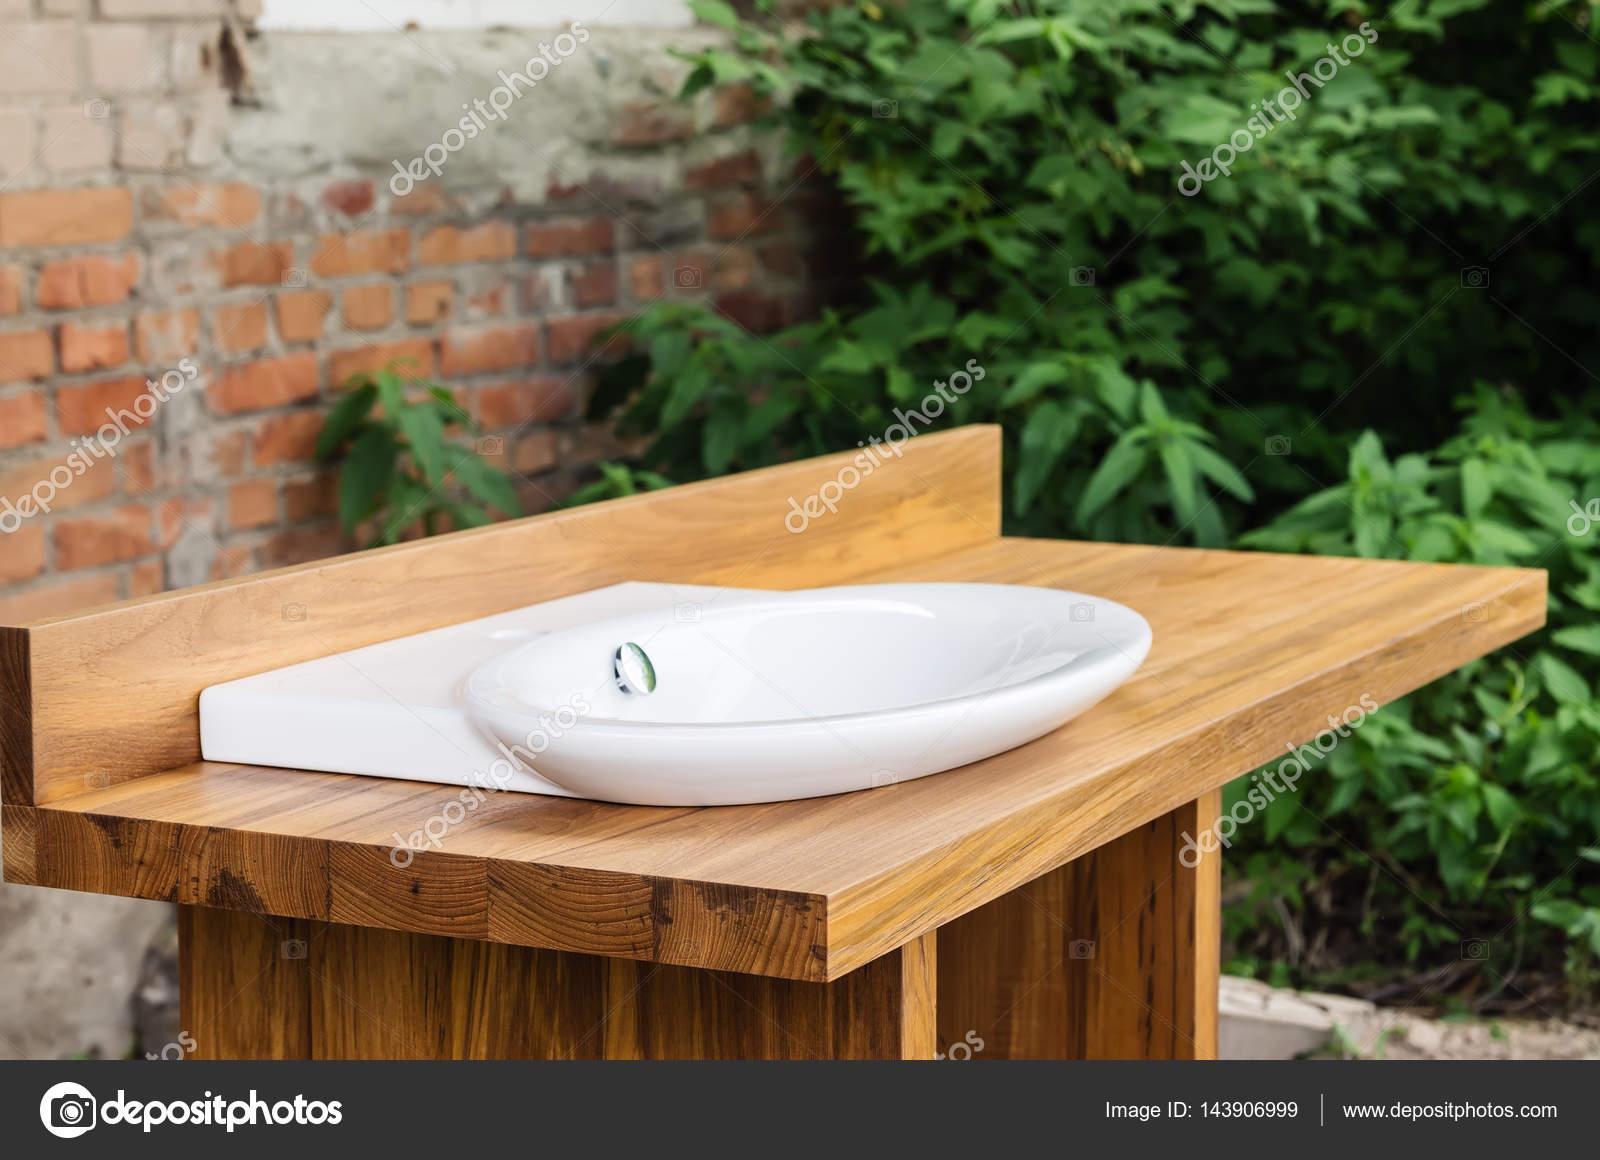 Keramik Waschbecken Mit Schrank Teak Holz Stockfoto Vadyuhin